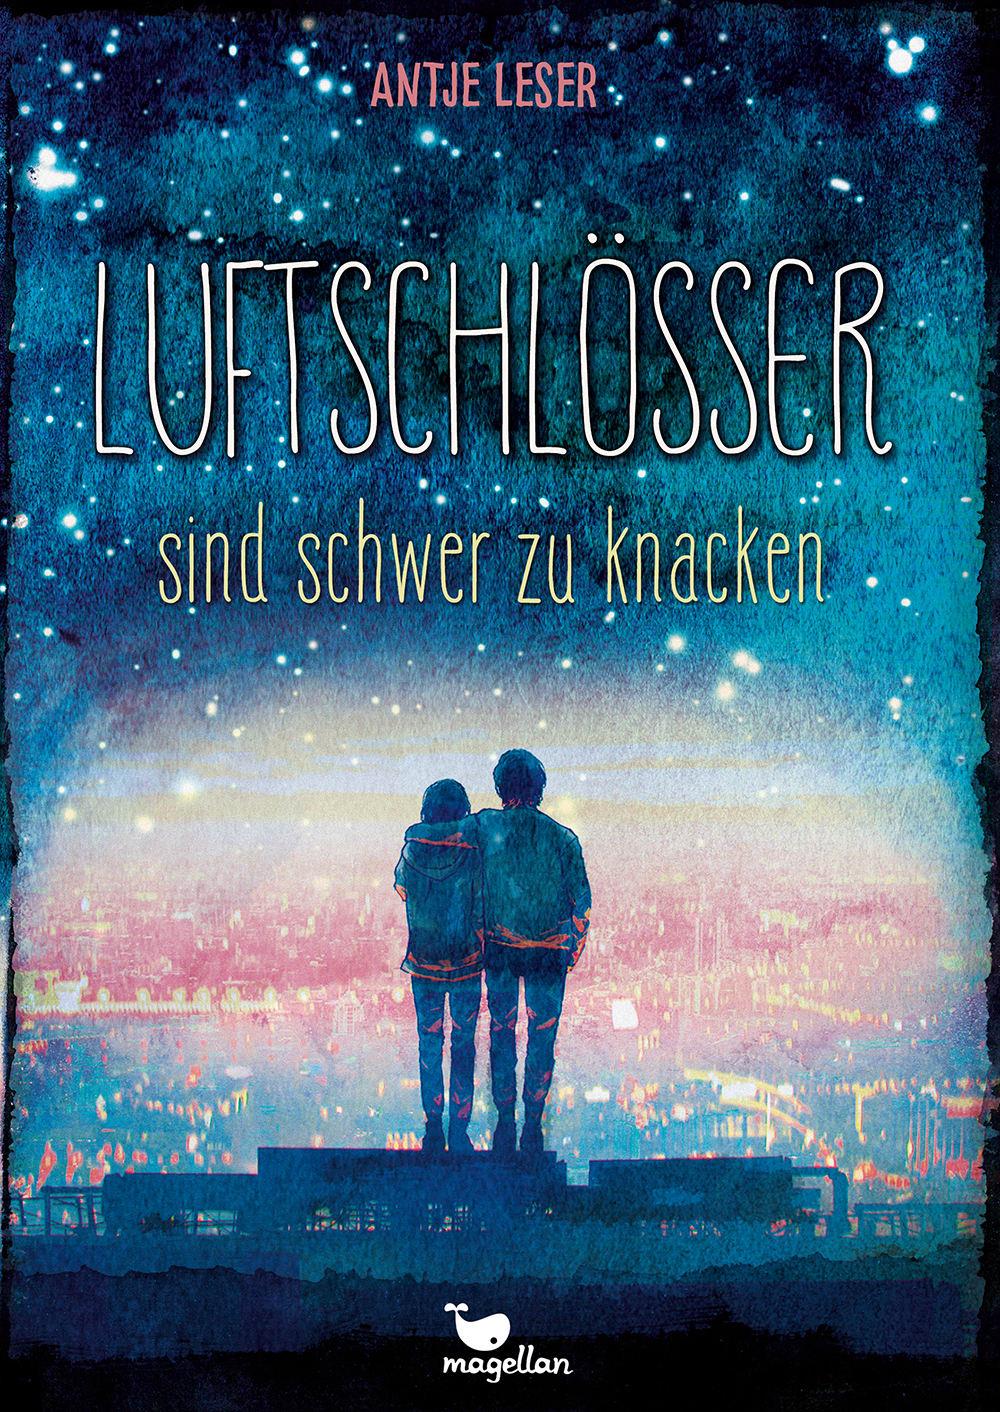 https://www.magellanverlag.de/titel/luftschloesser-sind-schwer-zu-knacken/89